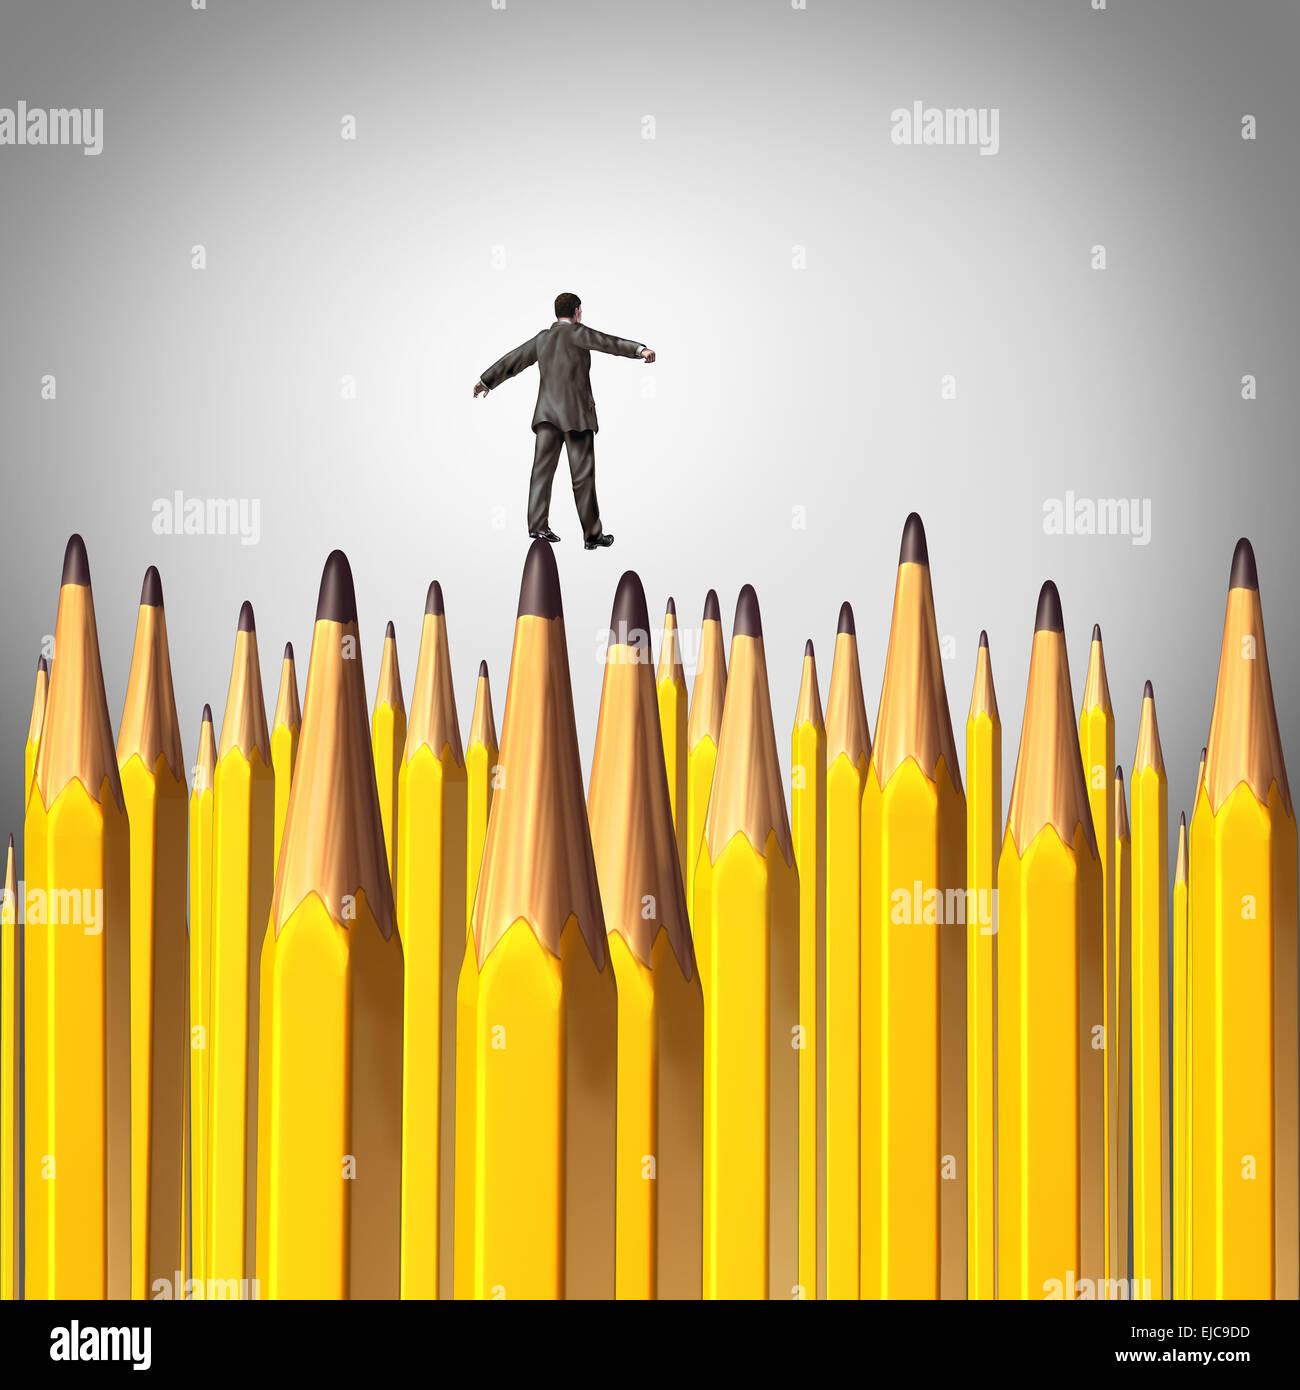 Decisión creativo concepto de riesgo como una persona caminando cuidadosamente mediante un fondo con un grupo Imagen De Stock